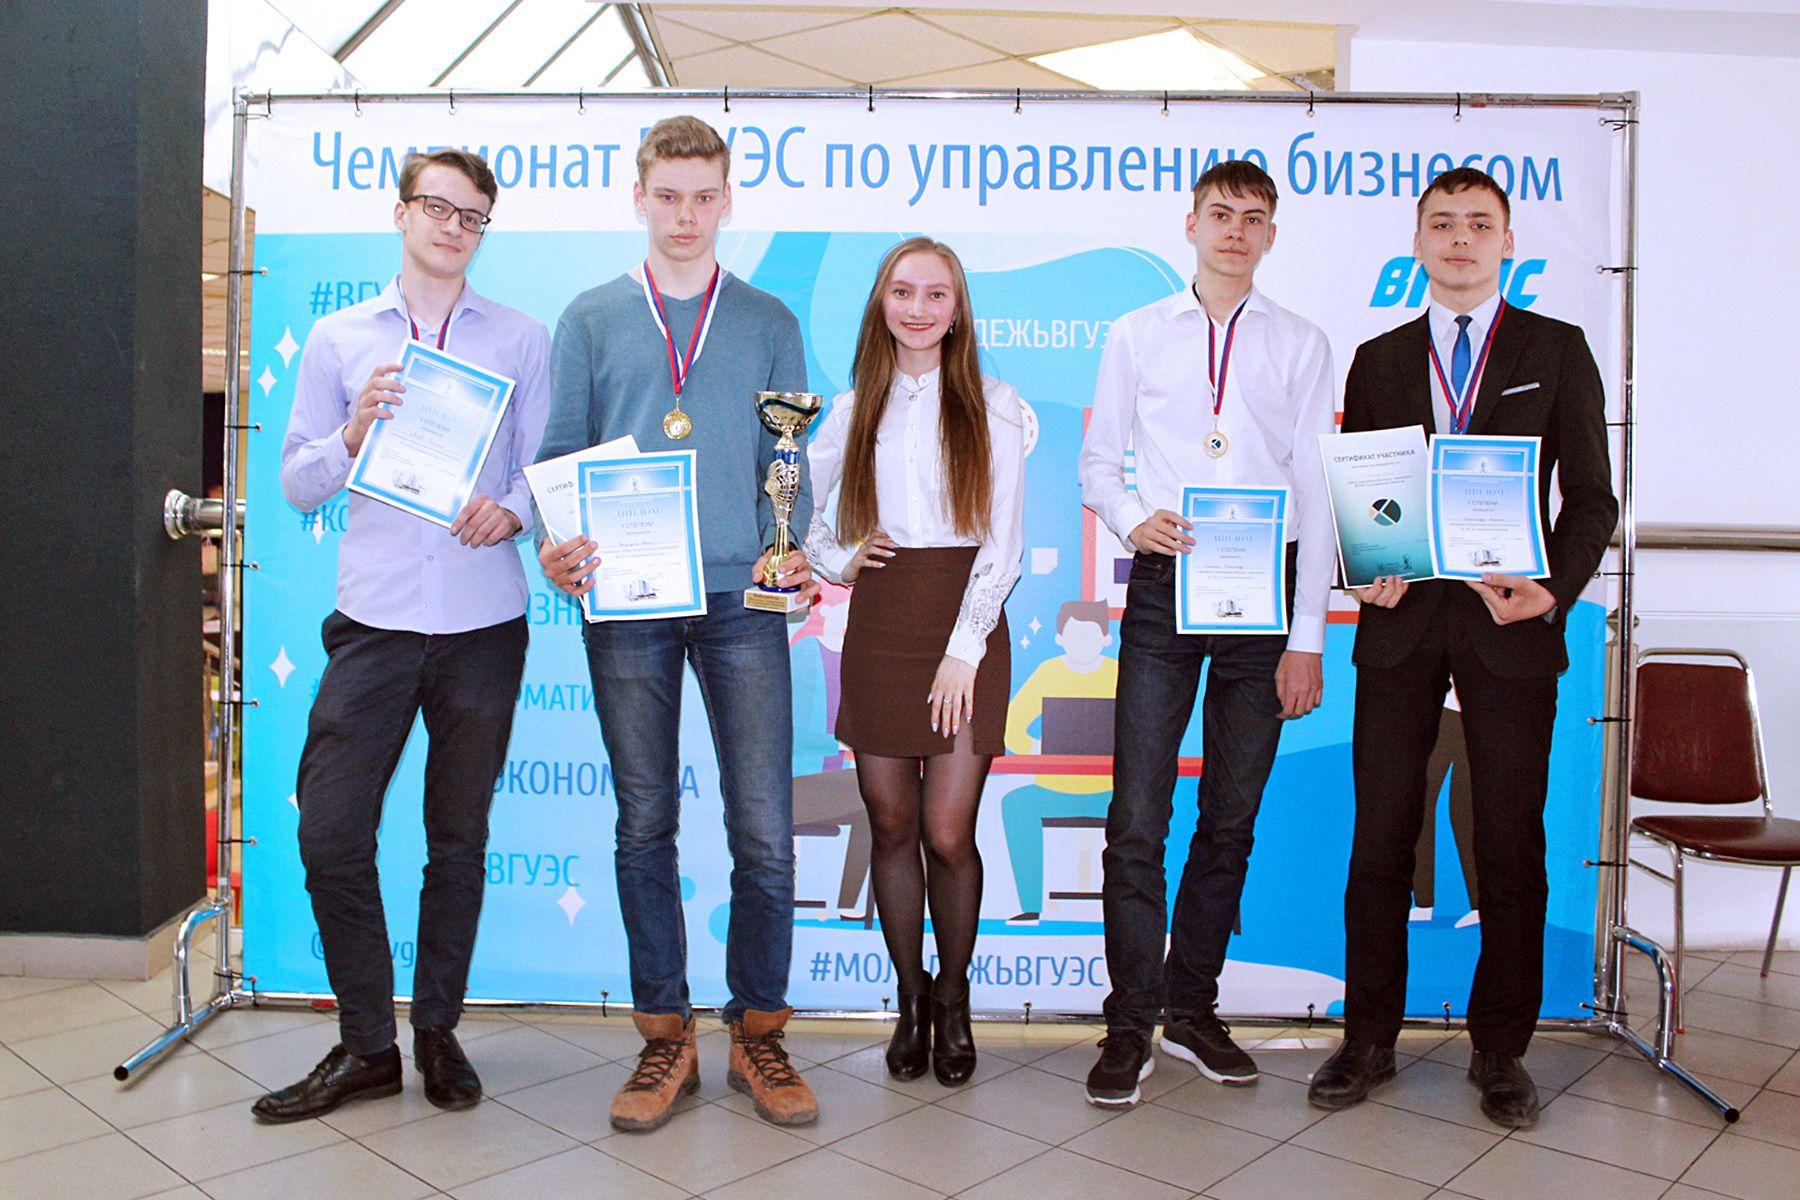 Школьный чемпионат ВГУЭС по управлению бизнесом собрал на площадке будущих экономистов, менеджеров и управленцев Приморья